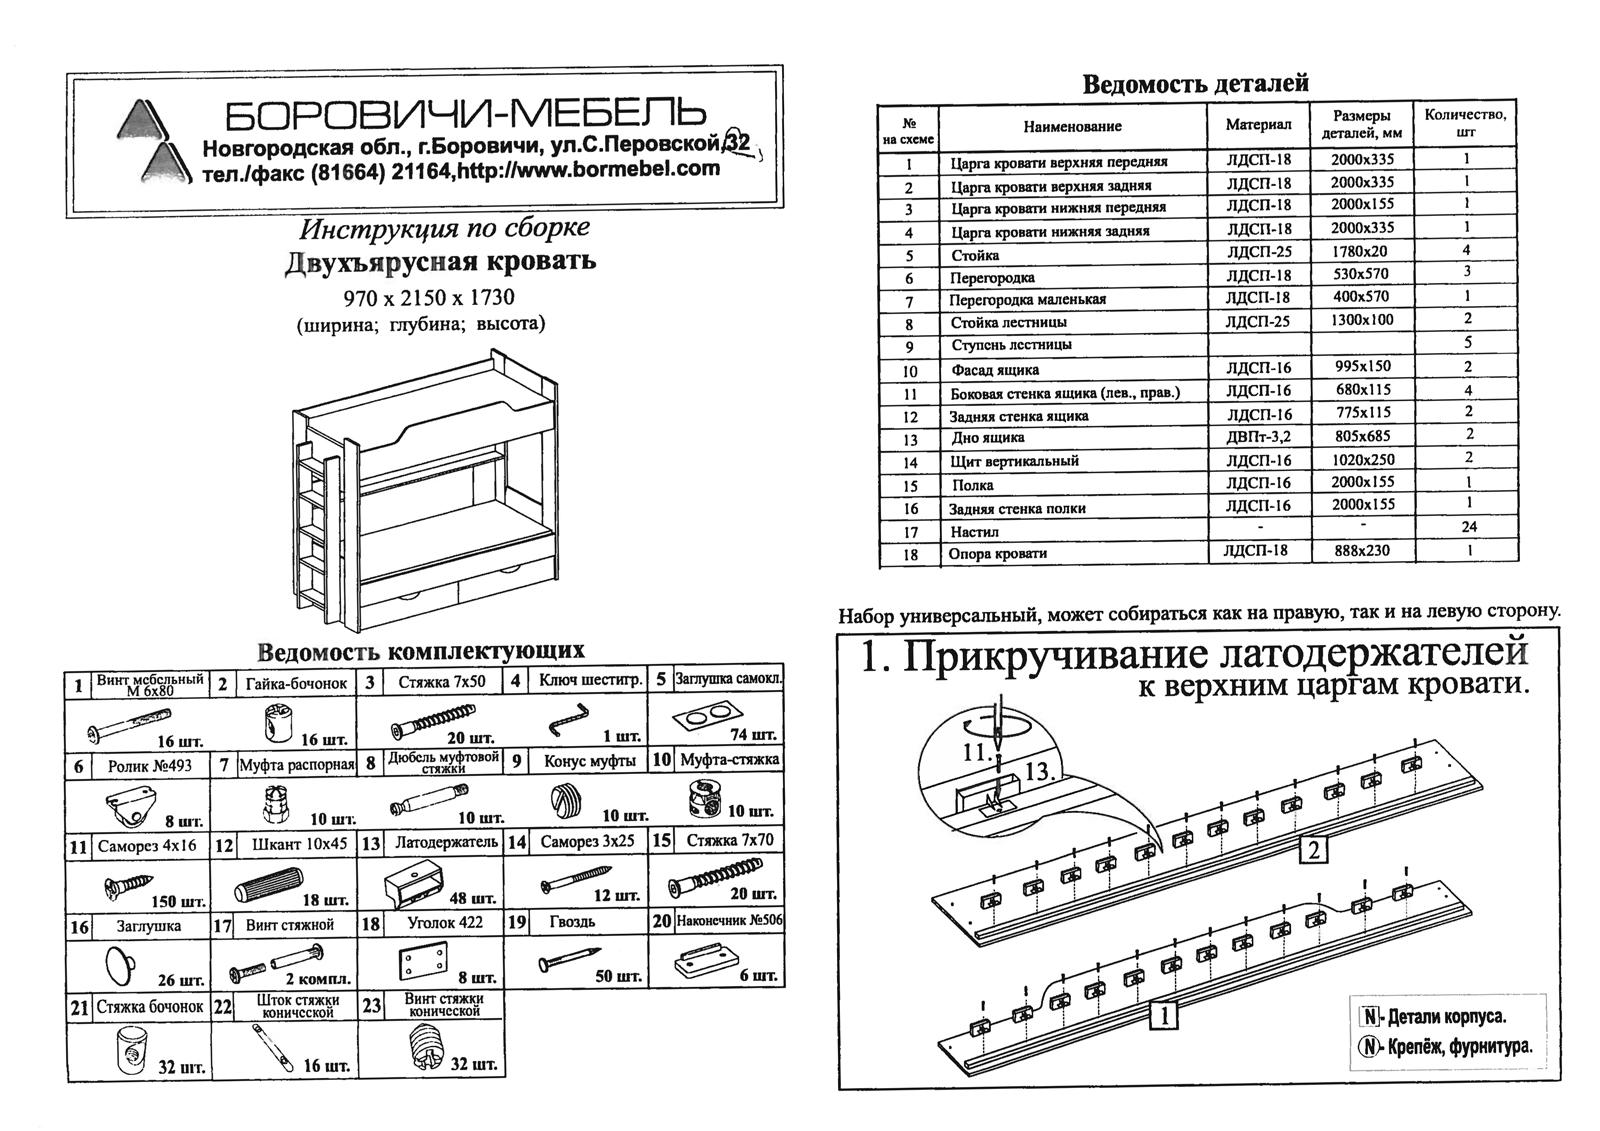 Сборка комода с выдвижными ящиками: подробная инструкция с фото 296